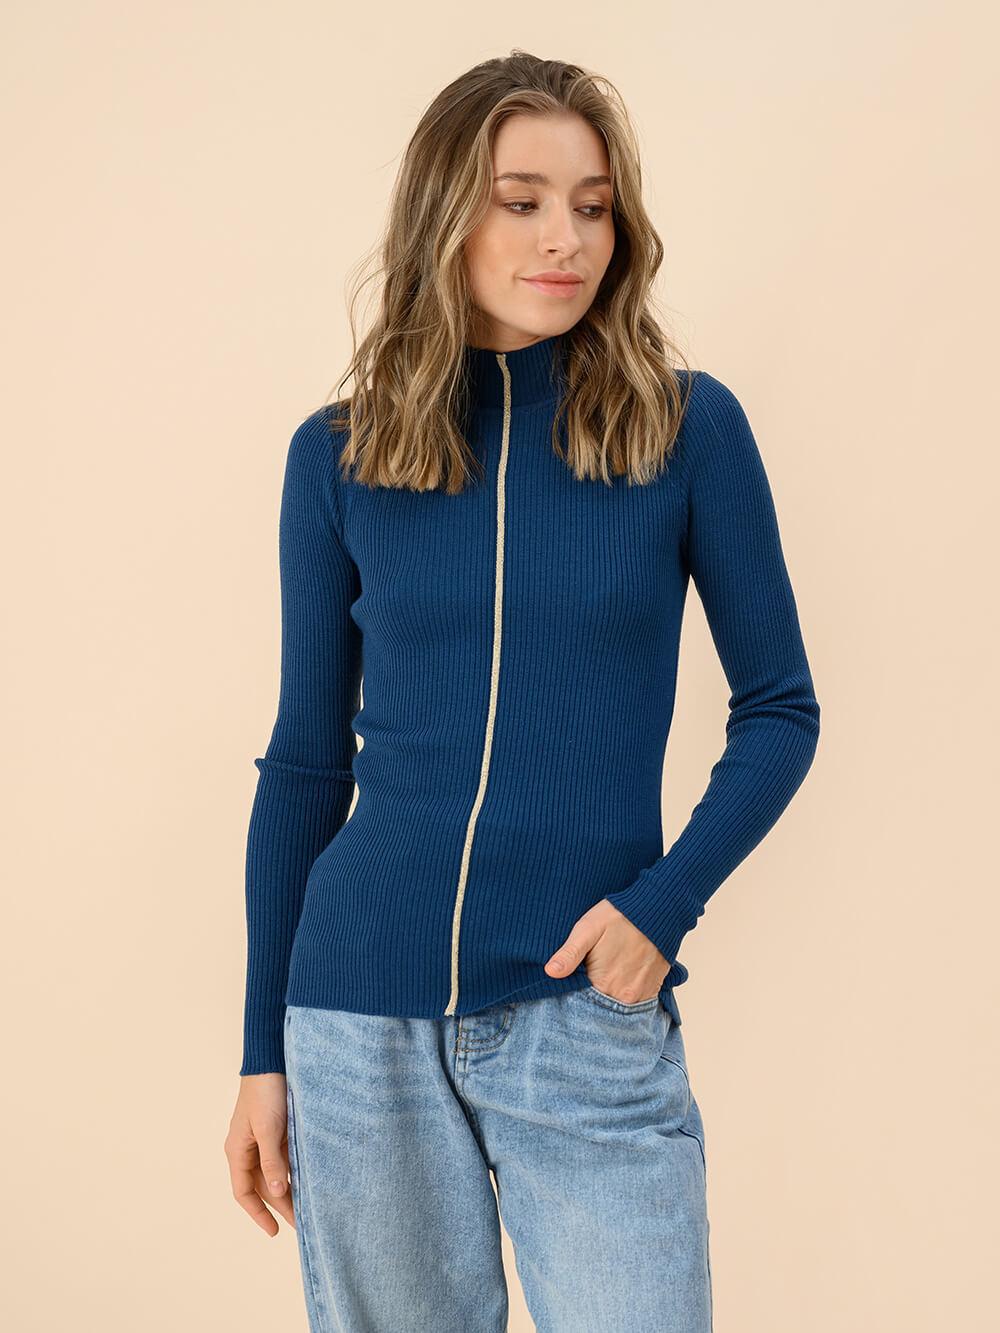 Женский джемпер темно-синего цвета из 100% шерсти - фото 1